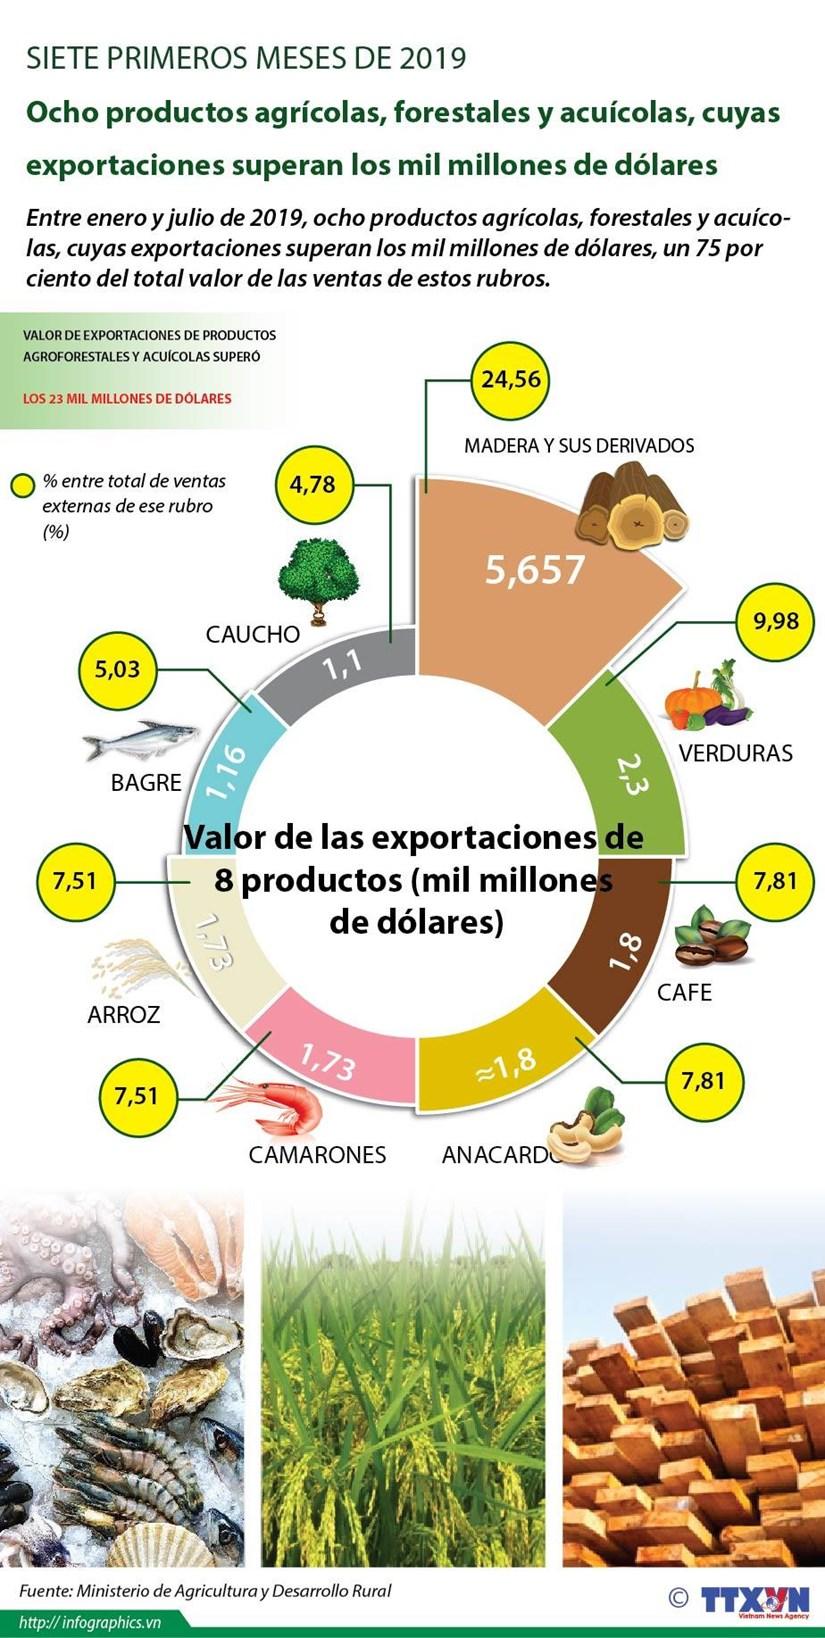 [Info] Ocho productos agricolas, forestales y acuicolas, cuyas exportaciones superan los mil millones de dolares hinh anh 1